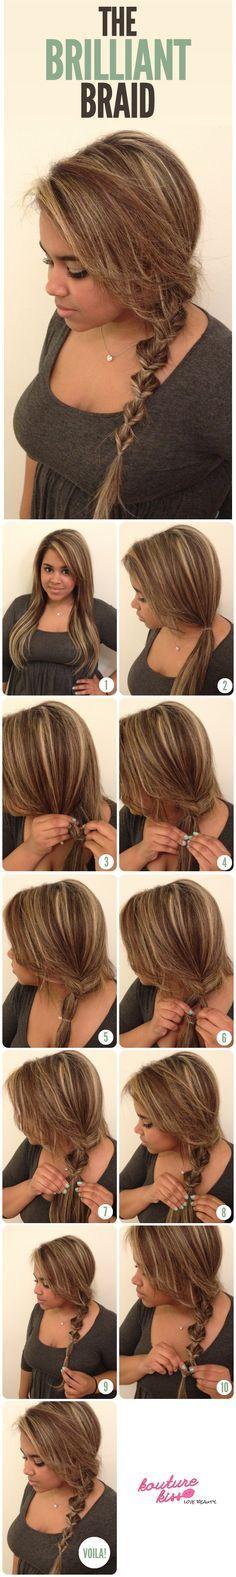 The Brilliant Braid